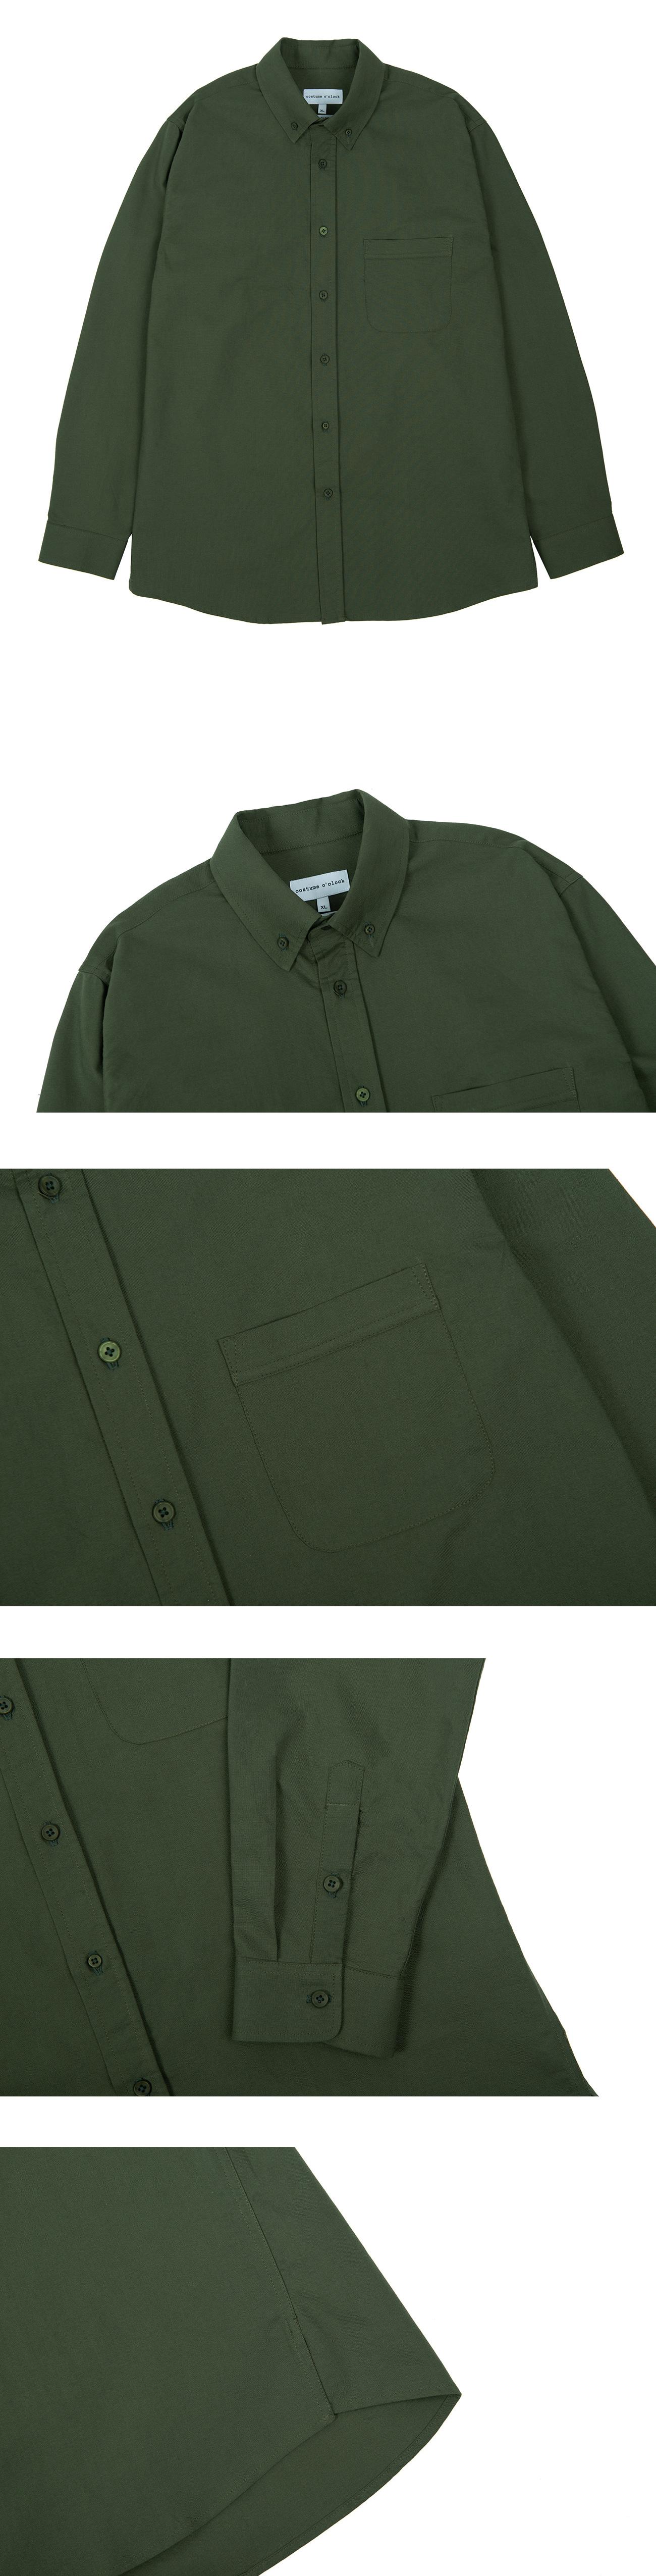 커스텀어클락(COSTUME O'CLOCK) 옥스포드 베이직 셔츠 카키